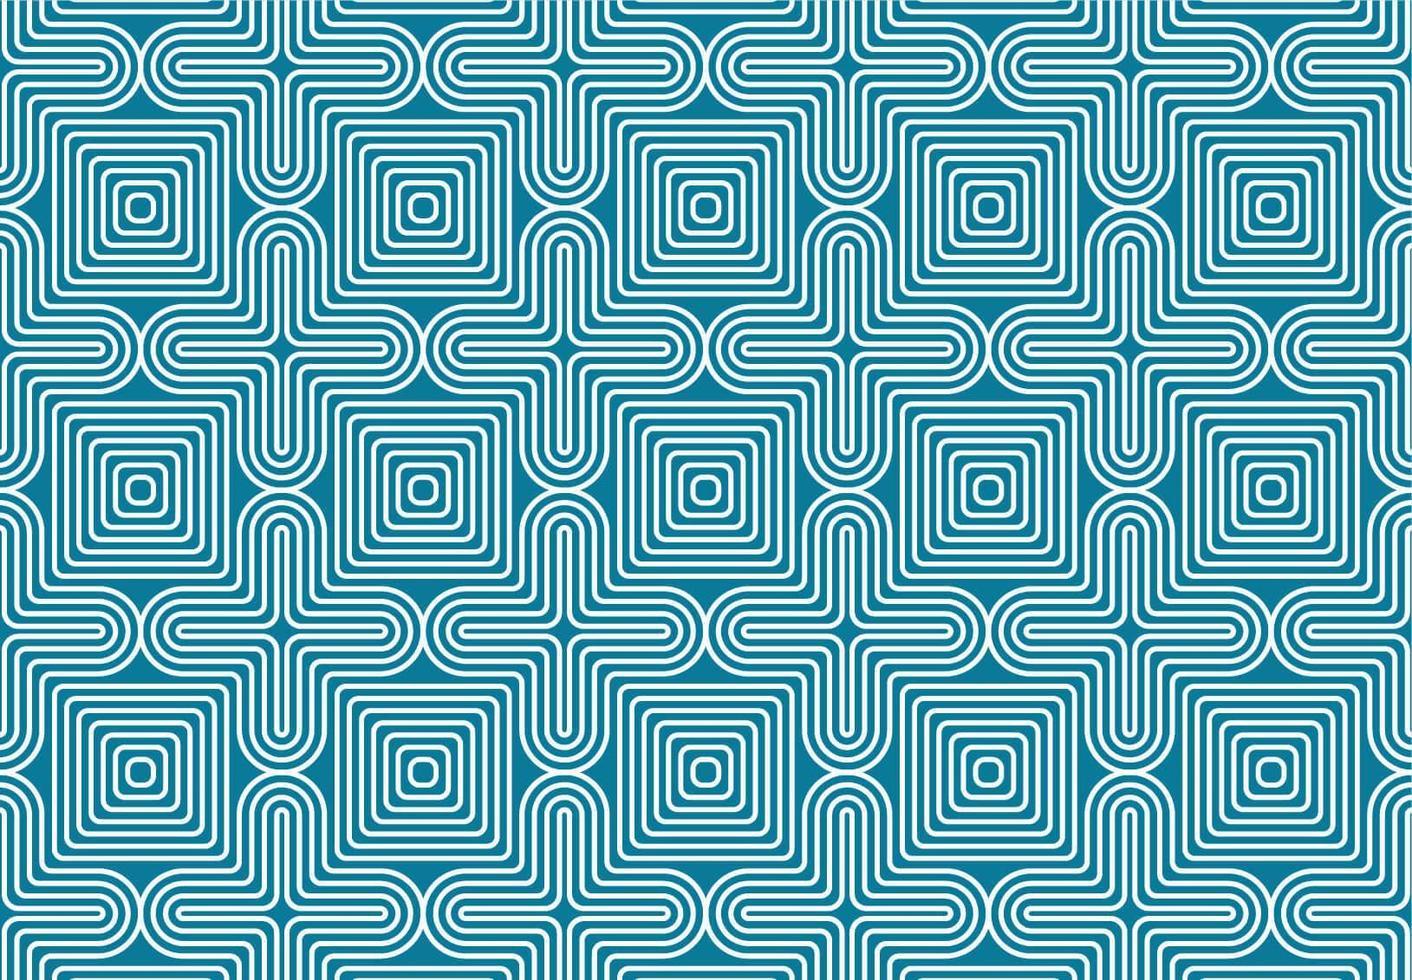 geometrisch wit en blauw optische illusie naadloos patroon vector